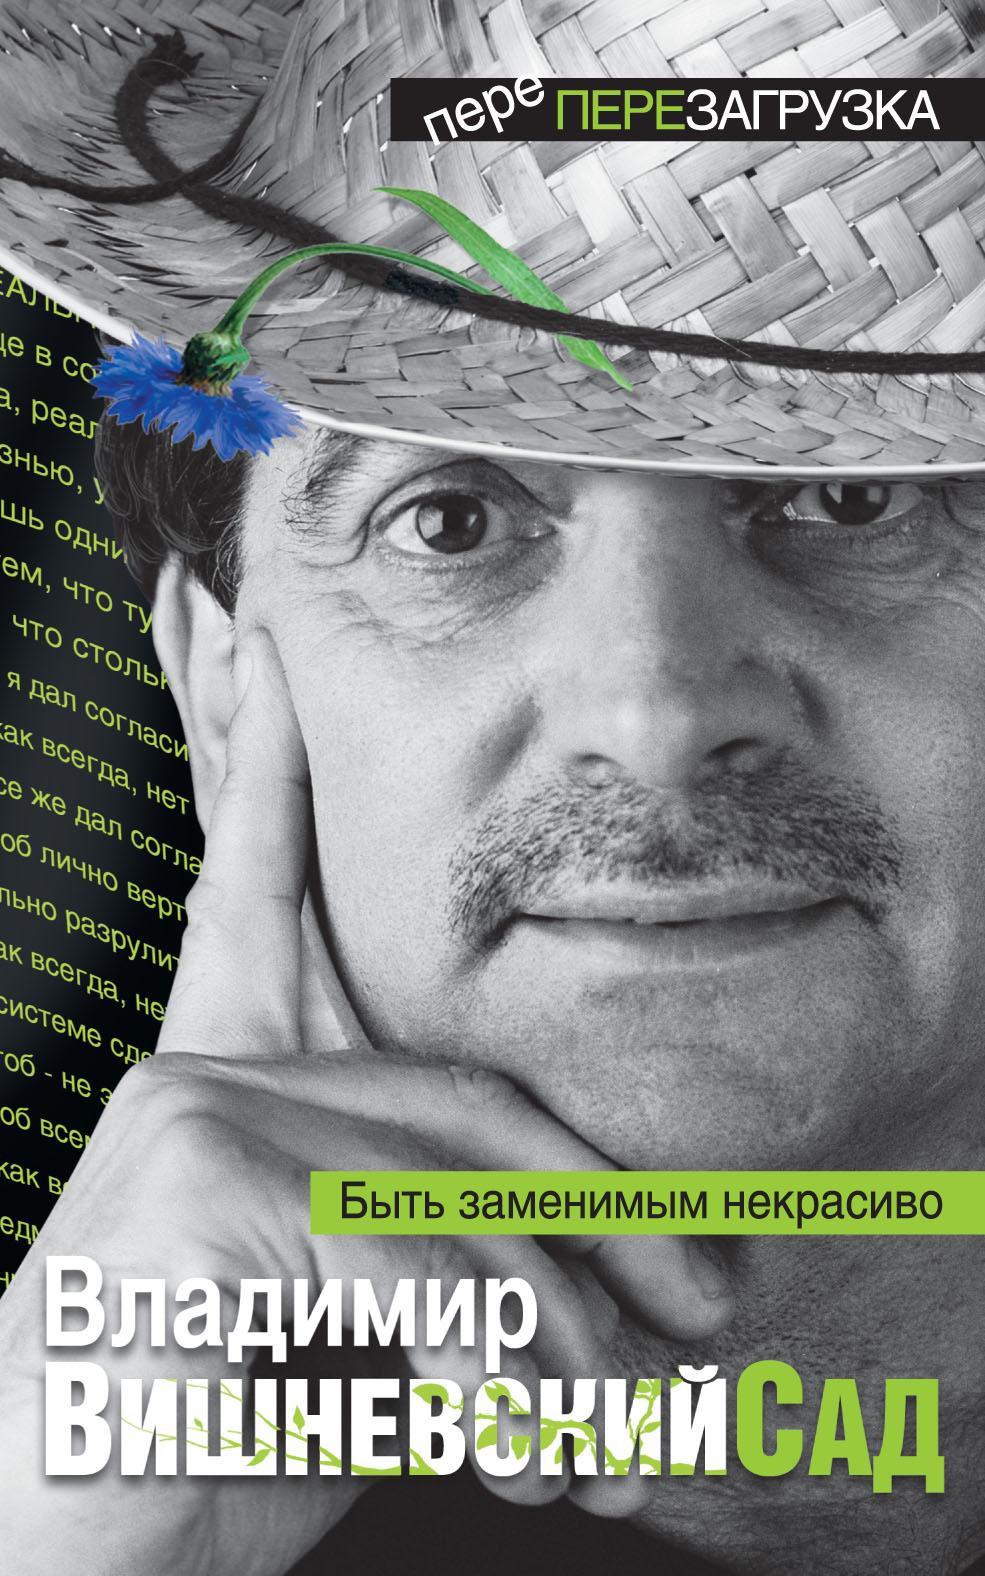 Владимир Вишневский Вишневский Сад. Быть заменимым некрасиво. ПереПерезагрузка цена